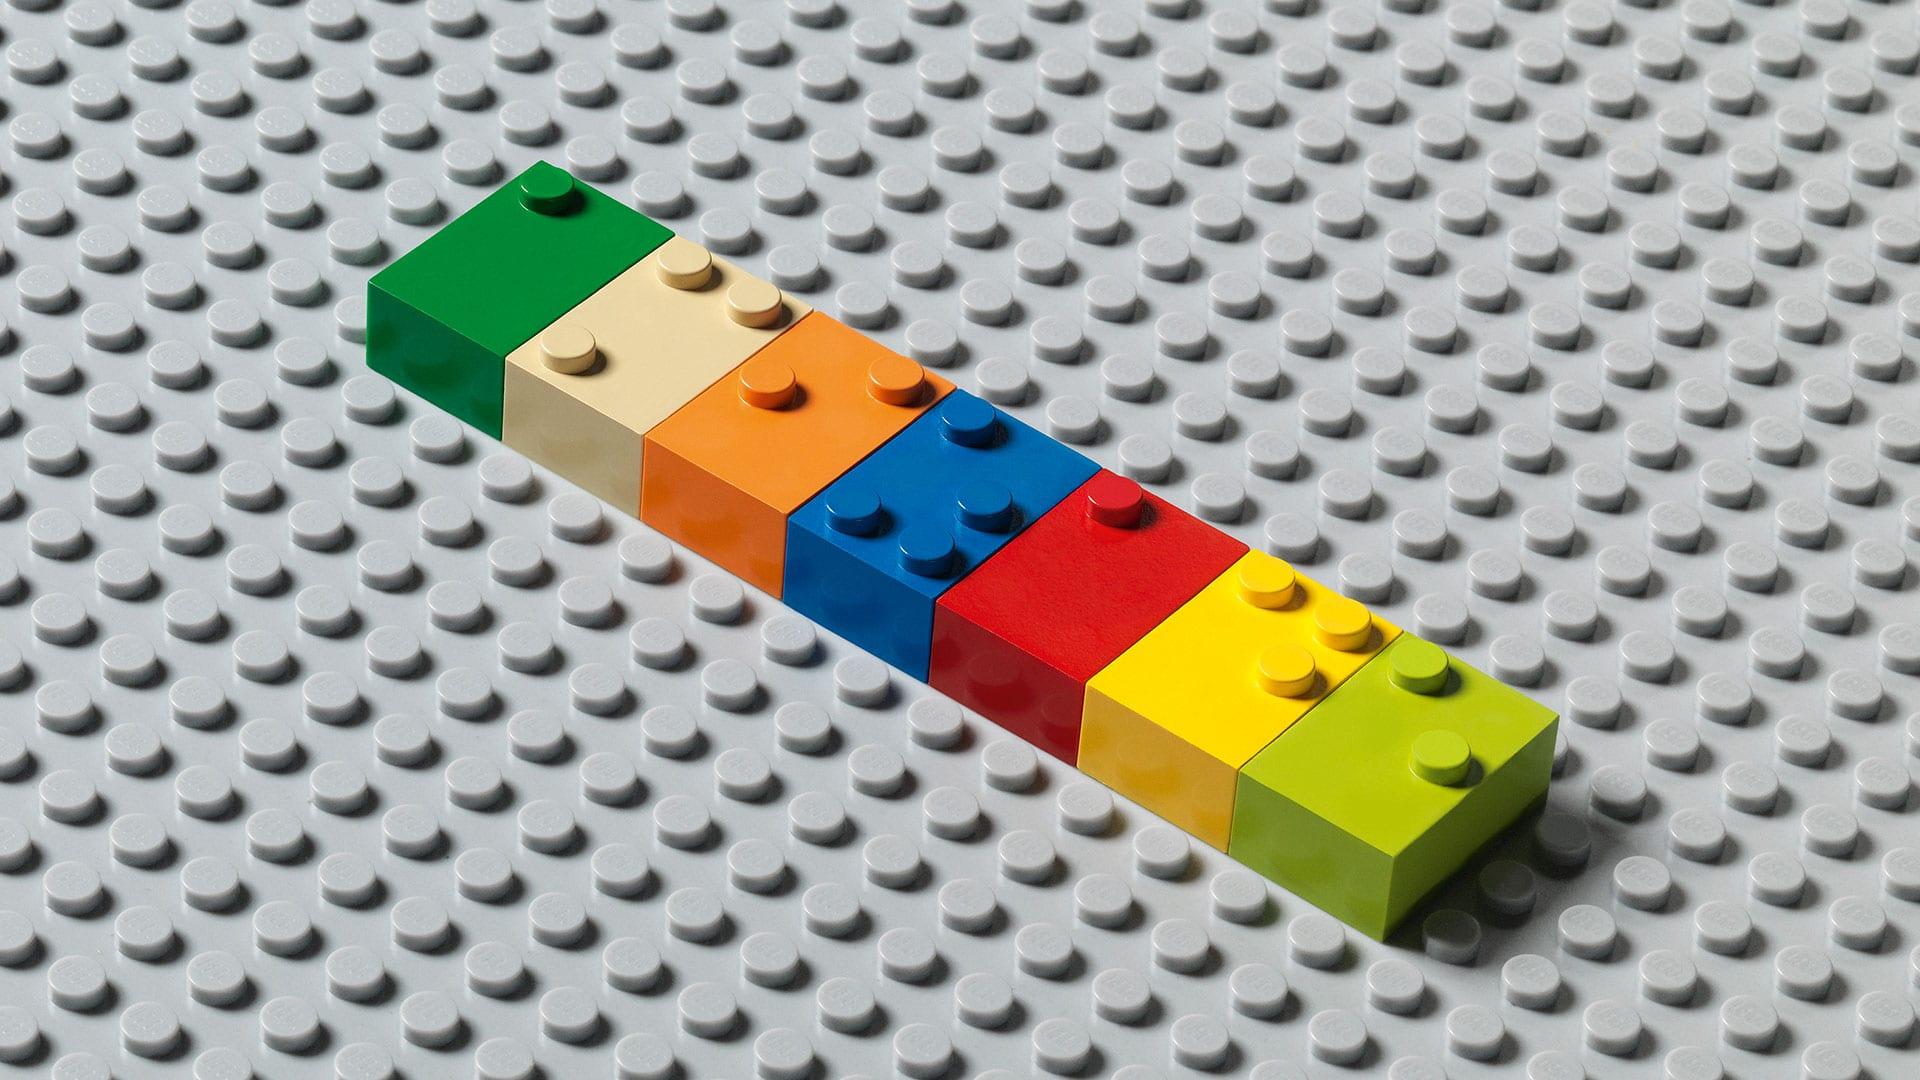 braille_bricks_comunicadores_6